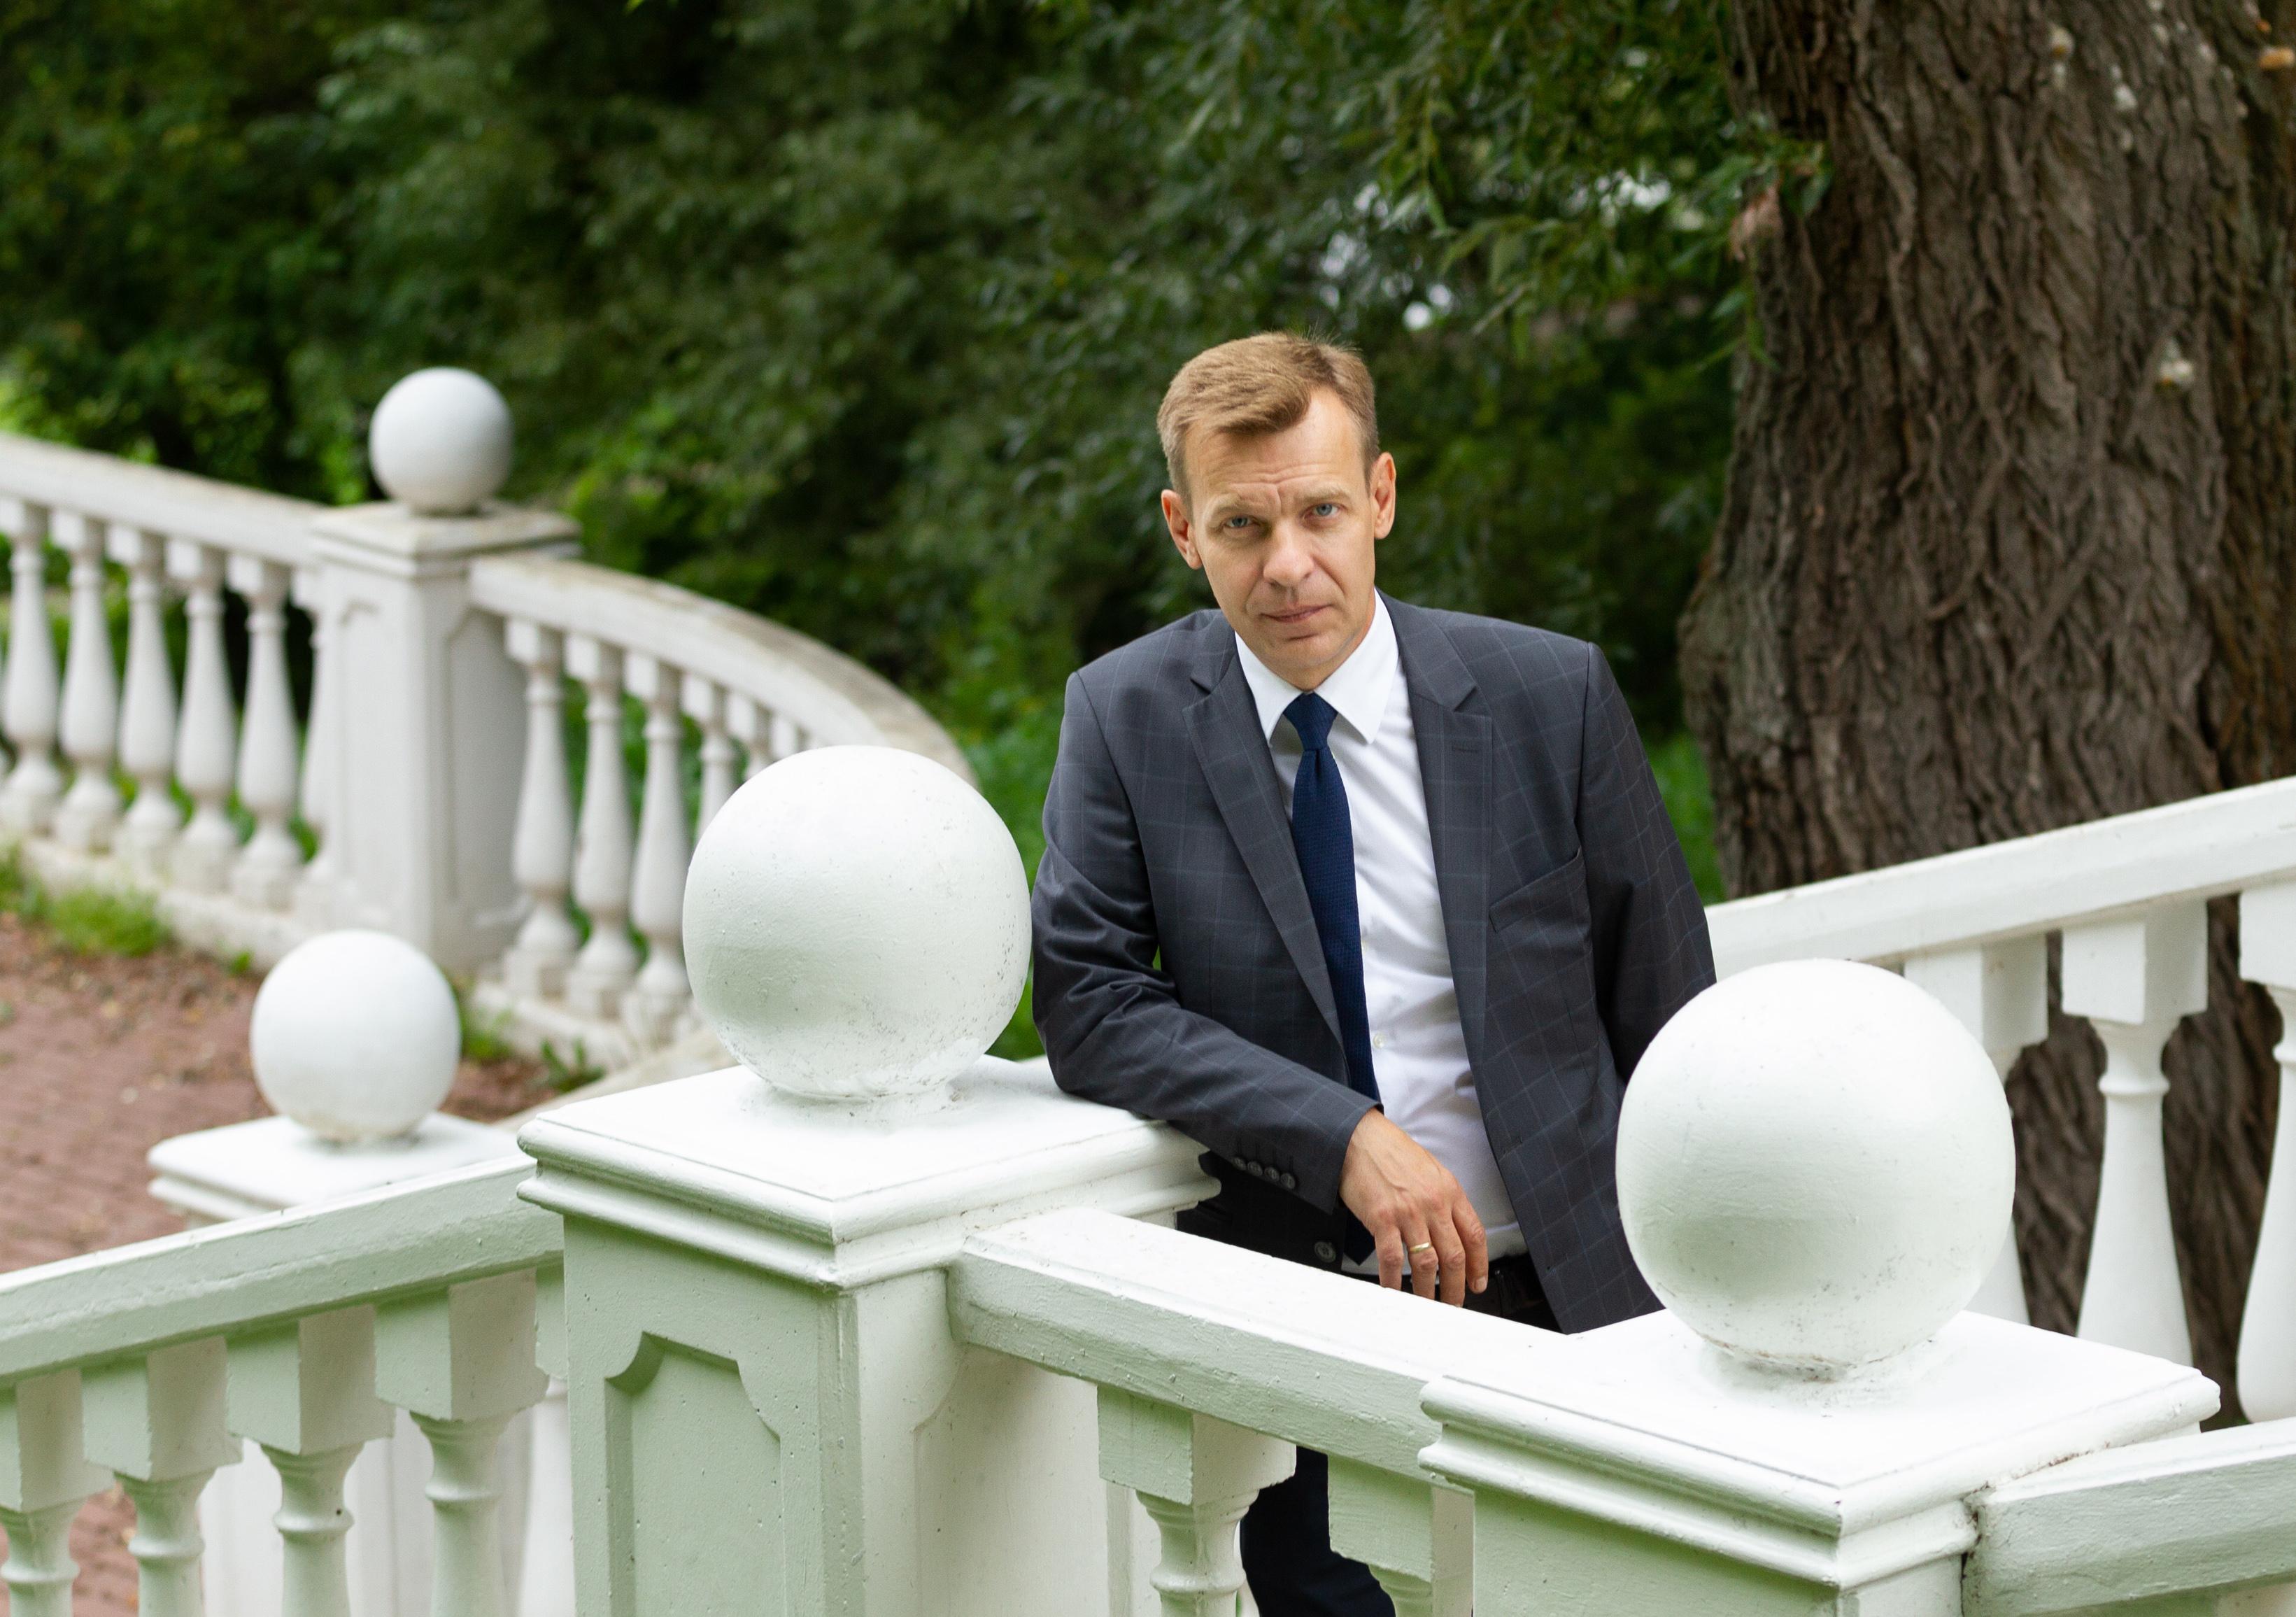 Депутат МГД Бускин: Парки Москвы сильно эволюционировали за 10 лет и отлично подходят для спорта